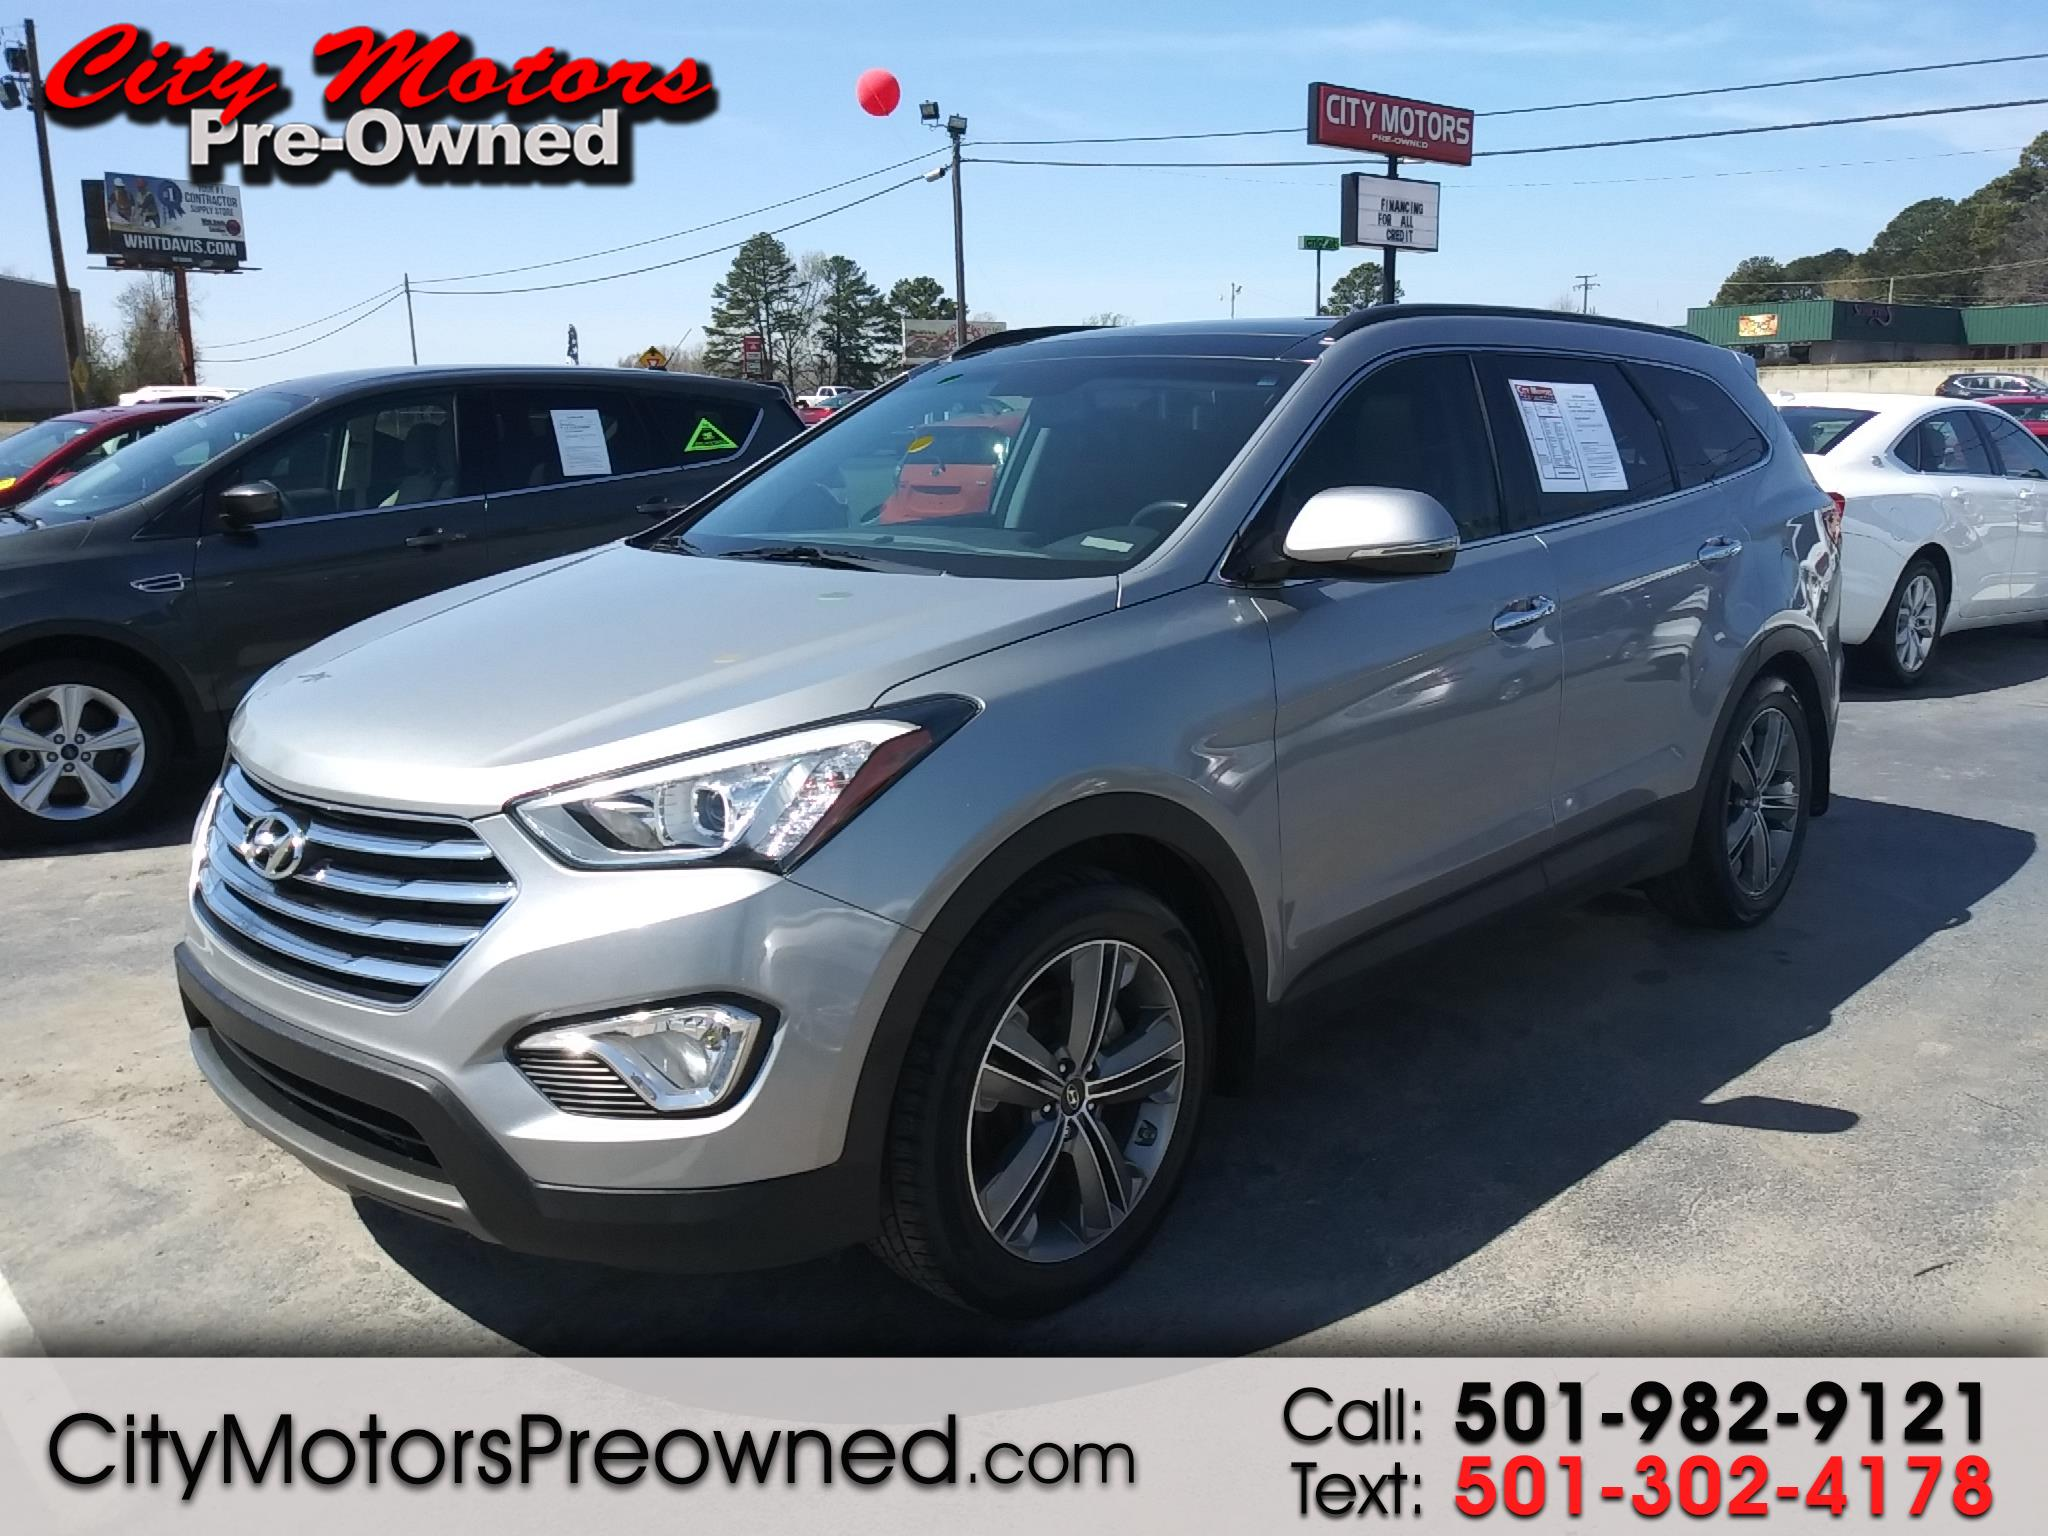 2016 Hyundai Santa Fe FWD 4dr Limited